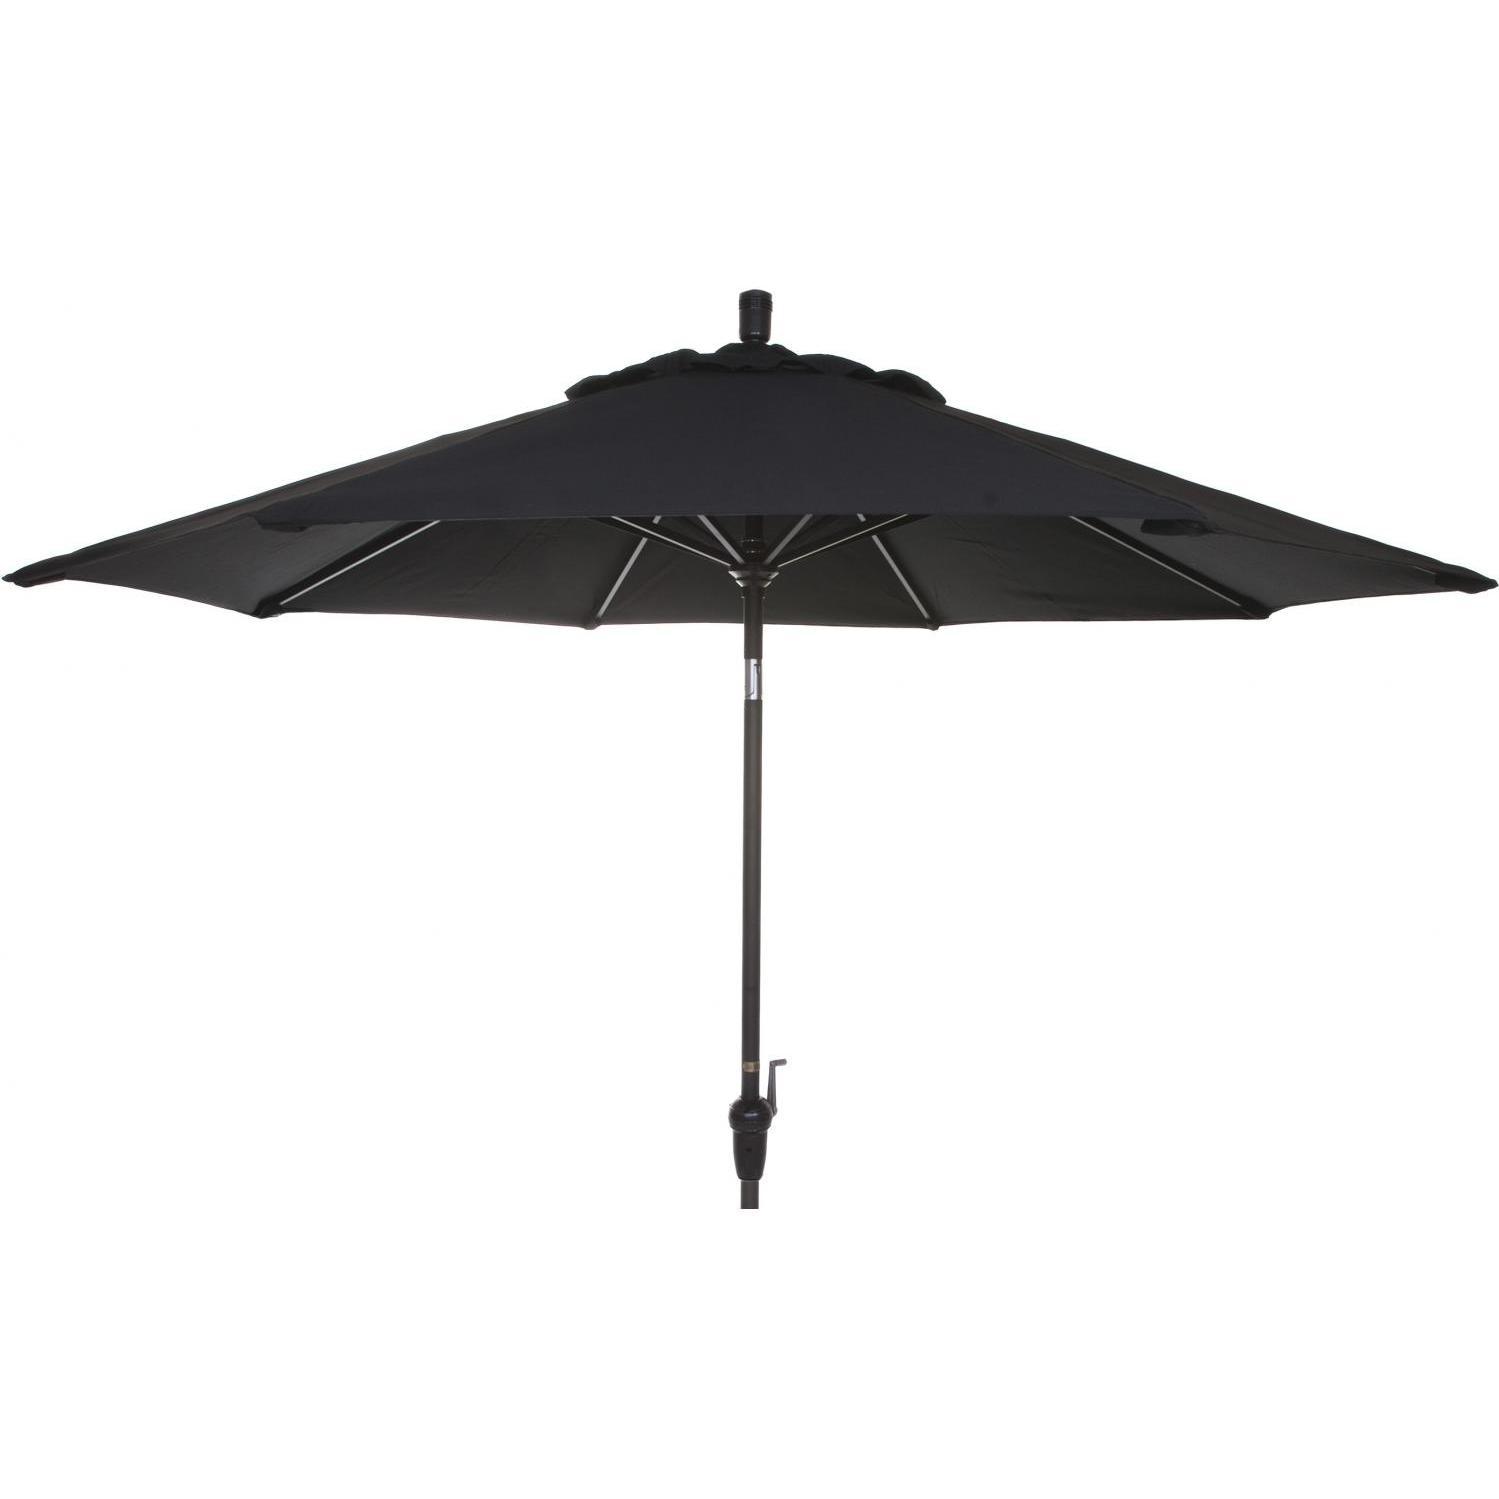 9 Ft Aluminum Patio Umbrella - Black 2856526